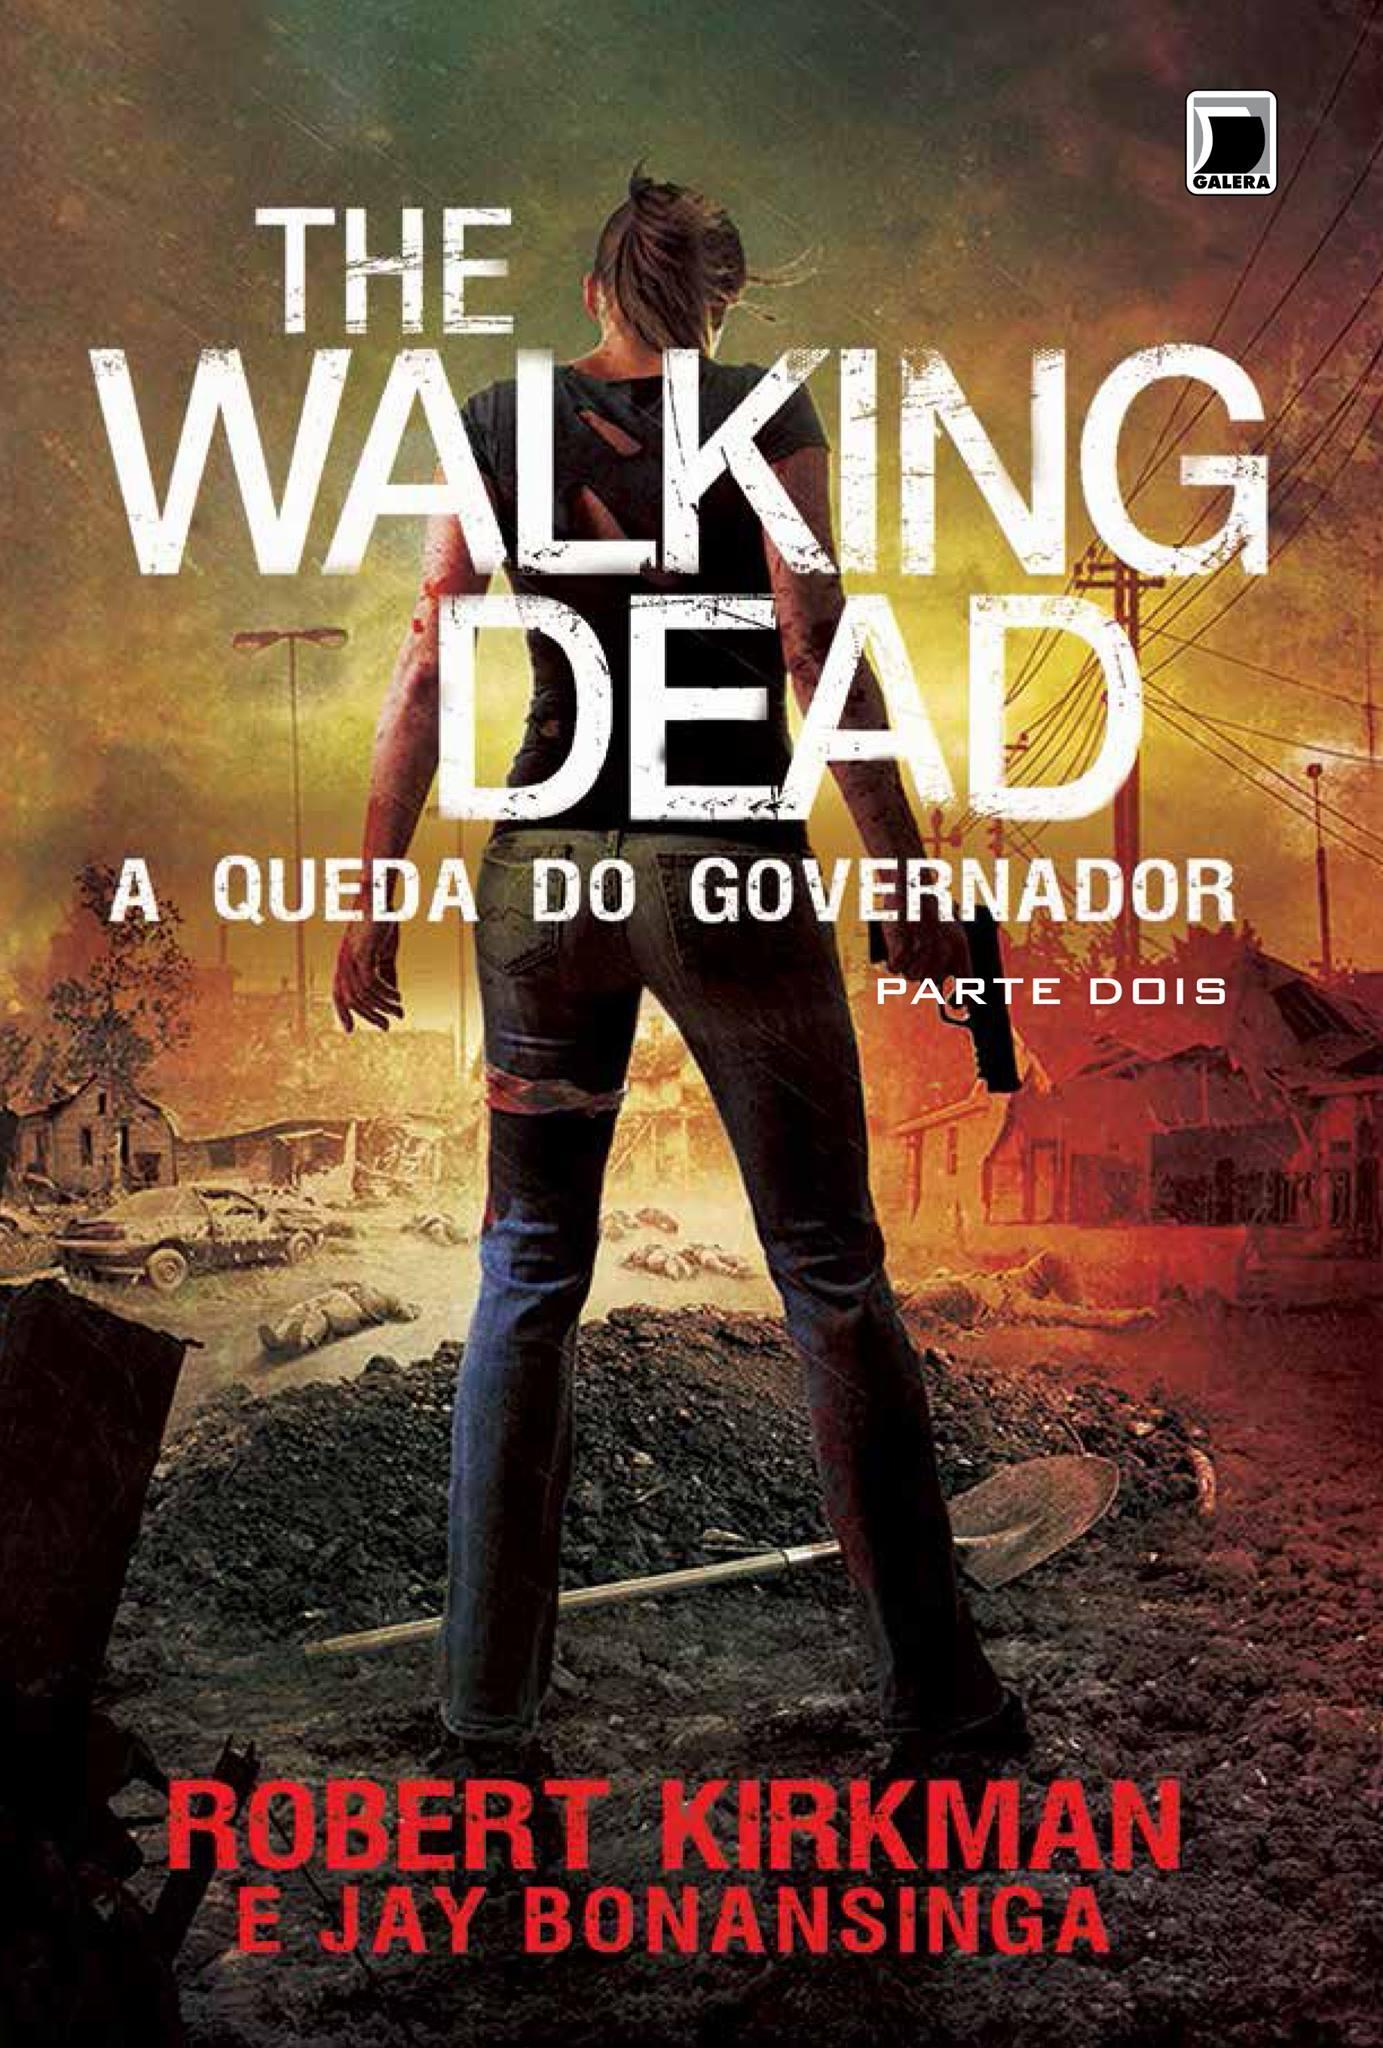 the-walking-dead-a-queda-do-governador-parte-2-capitulo-1